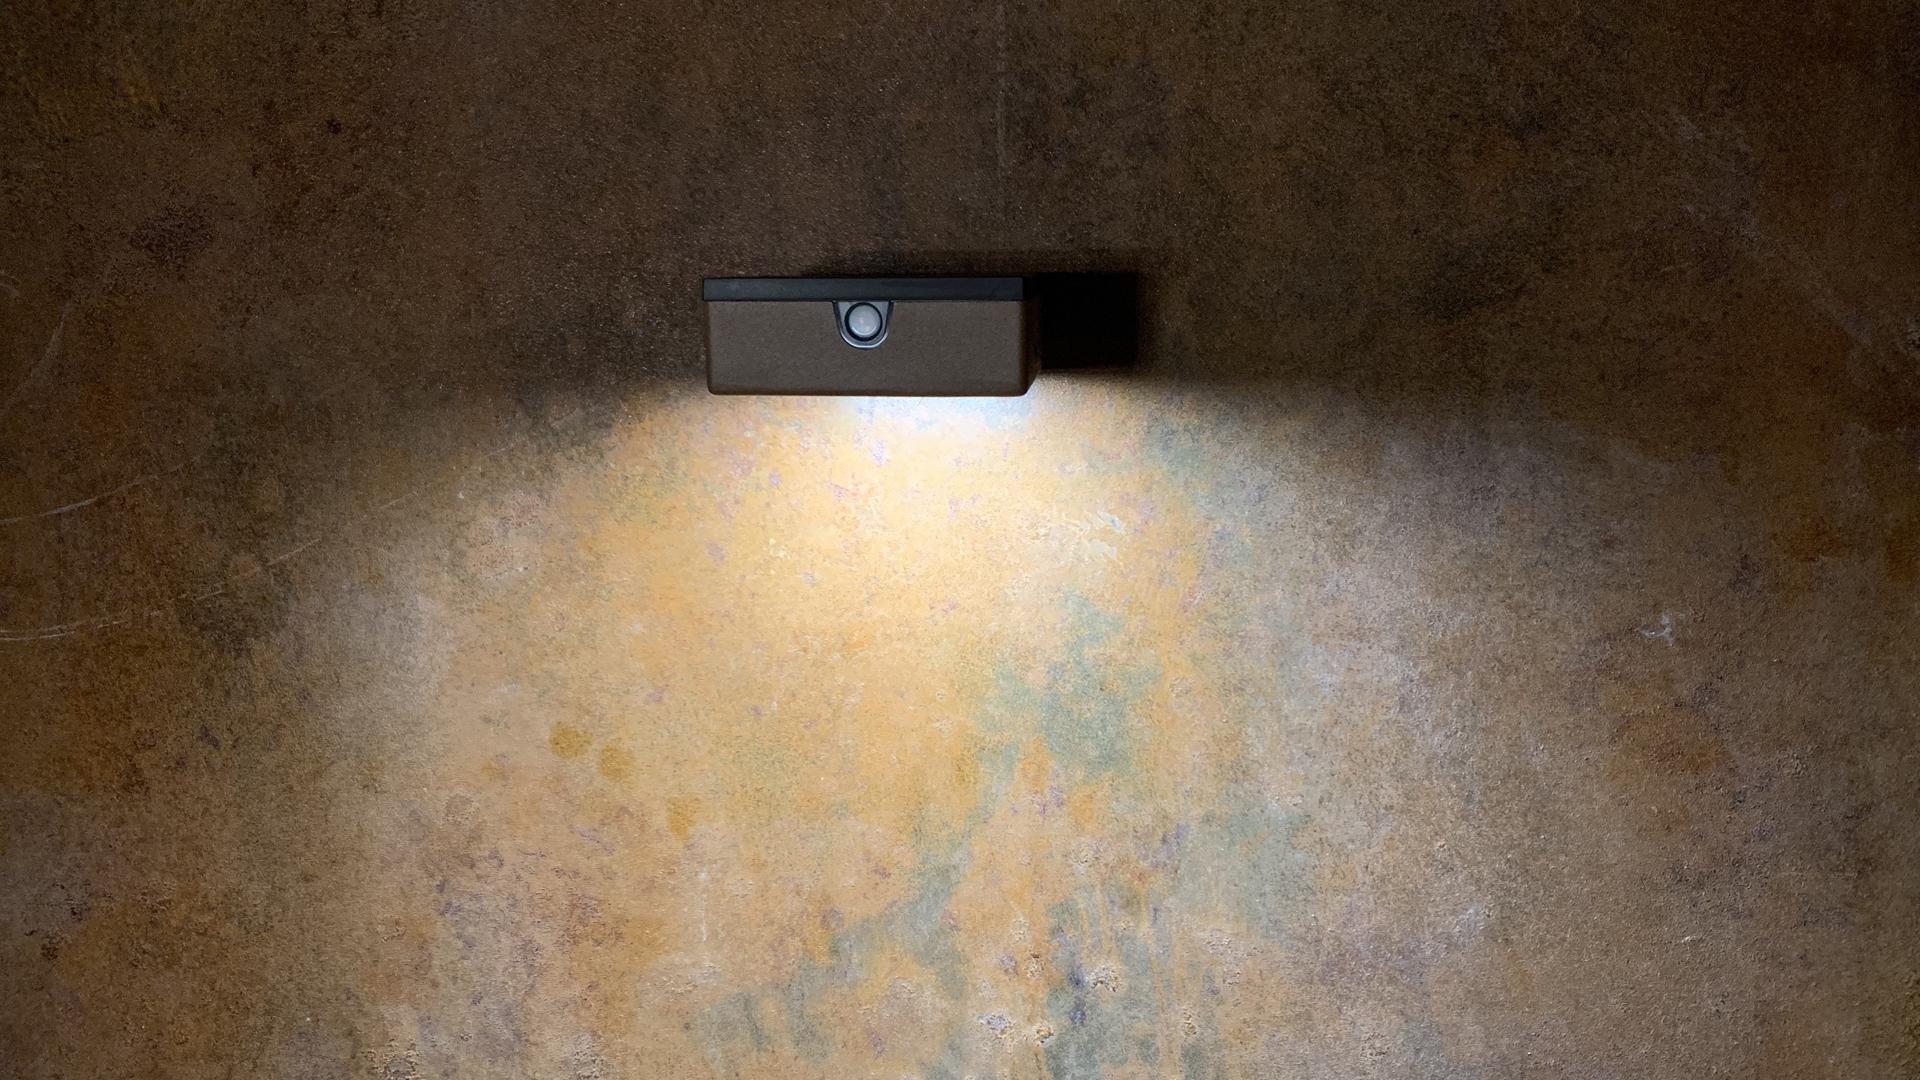 Cette applique murale solaire d'extérieur LYX Luminaires est fabriquée en acier, disponible en acier rouille Corten ou gris anthracite. L'applique extérieure murale APS 010 est une lampe autonome, applique murale équipée d'un capteur solaire performant. Nos appliques murales design sont idéales pour l'éclairage de piliers, l'éclairage de portail, l'éclairage de façade, l'éclairage d'entrée, l'éclairage de terrasses, l'éclairage de balcons. Luminaire solaire extérieur design pour un éclairage de qualité. / Lampe extérieure jardin pour un éclairage extérieur design. Version lampe solaire jardin ou lampe jardin LED. Cette lampe de jardin ou lampe terrasse est une lampe de jardin avec détecteur. Fabriquée en acier, la lampe jardin détecteur permet un éclairage solaire ou un éclairage LED puissant selon le modèle choisi. Découvrez la collection de luminaires extérieurs constituée de lampes solaires et lampes LED. Vaste collection d'appliques extérieures / appliques murales : applique murale extérieure solaire, applique murale LED, applique extérieure design. Les appliques extérieures murales sont de fabrication française. Lampe solaire idéale pour l'éclairage de terrasses, de jardin. Lampe solaire terrasse, lampe extérieure terrasse permettant un éclairage performant. La lampe extérieure est équipée d'un détecteur de présence. Le luminaire extérieur doté d'un détecteur de mouvement, éclaire au passage d'une personne d'une voiture. Lampe extérieure détecteur puissante et efficace, au design épuré et moderne. / Cette applique extérieure fait partie de la vaste collection d'appliques murales extérieures composée d'appliques murales LED et appliques murales solaires. Lampe murale LED fabriquée en acier comme toutes nos lampes murales (lampe murale LED et lampe solaire murale). Cette lampe murale extérieure diffuse un éclairage puissant. C'est une applique murale design équipée d'un détecteur de présence / lampe détecteur pour jardin, terrasses, allées. Nos appliques extérieu